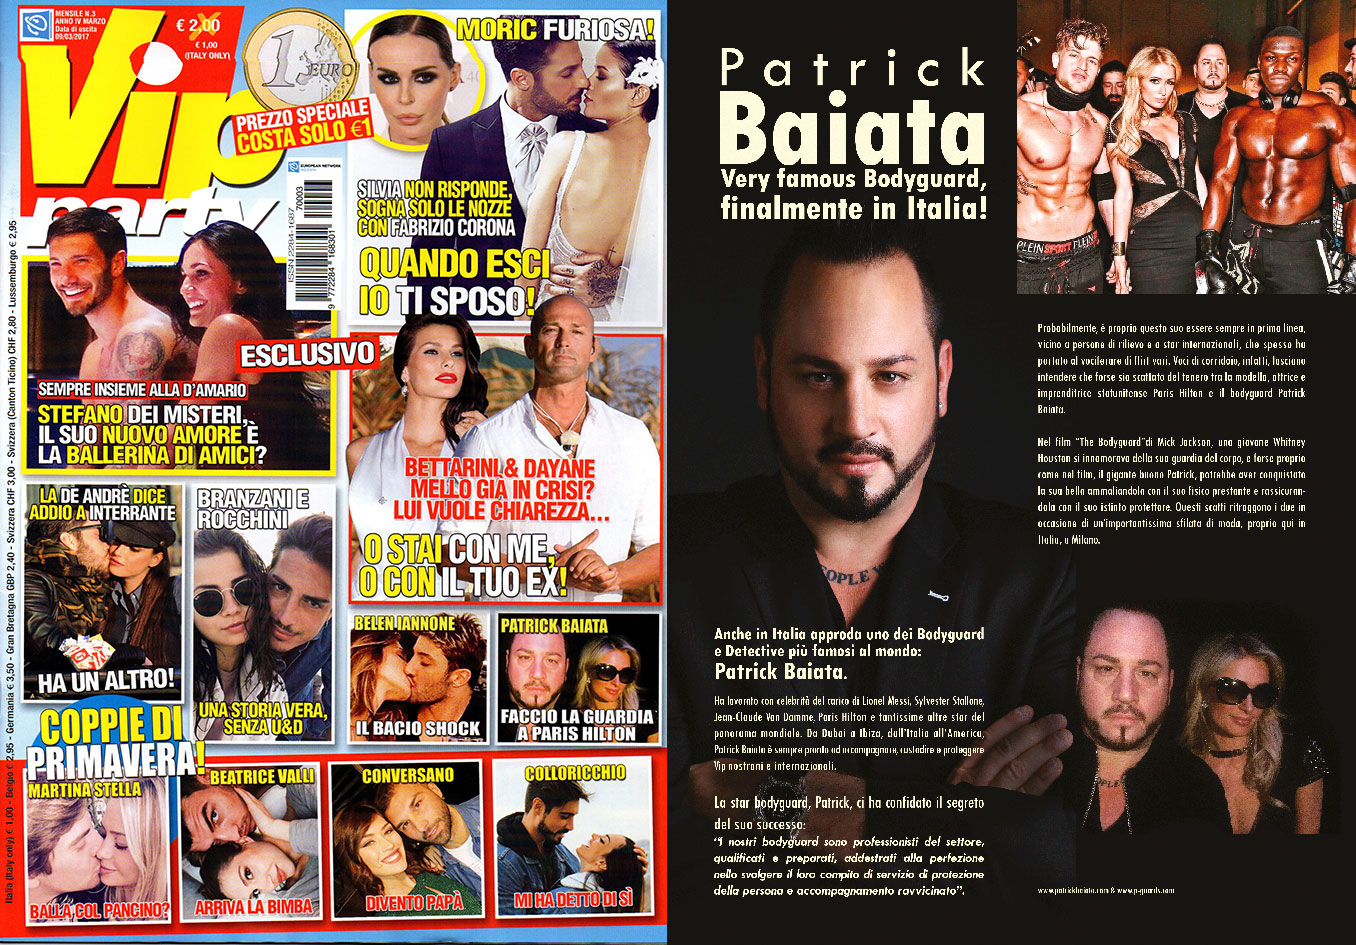 patrick-baiata-tutto-gossip